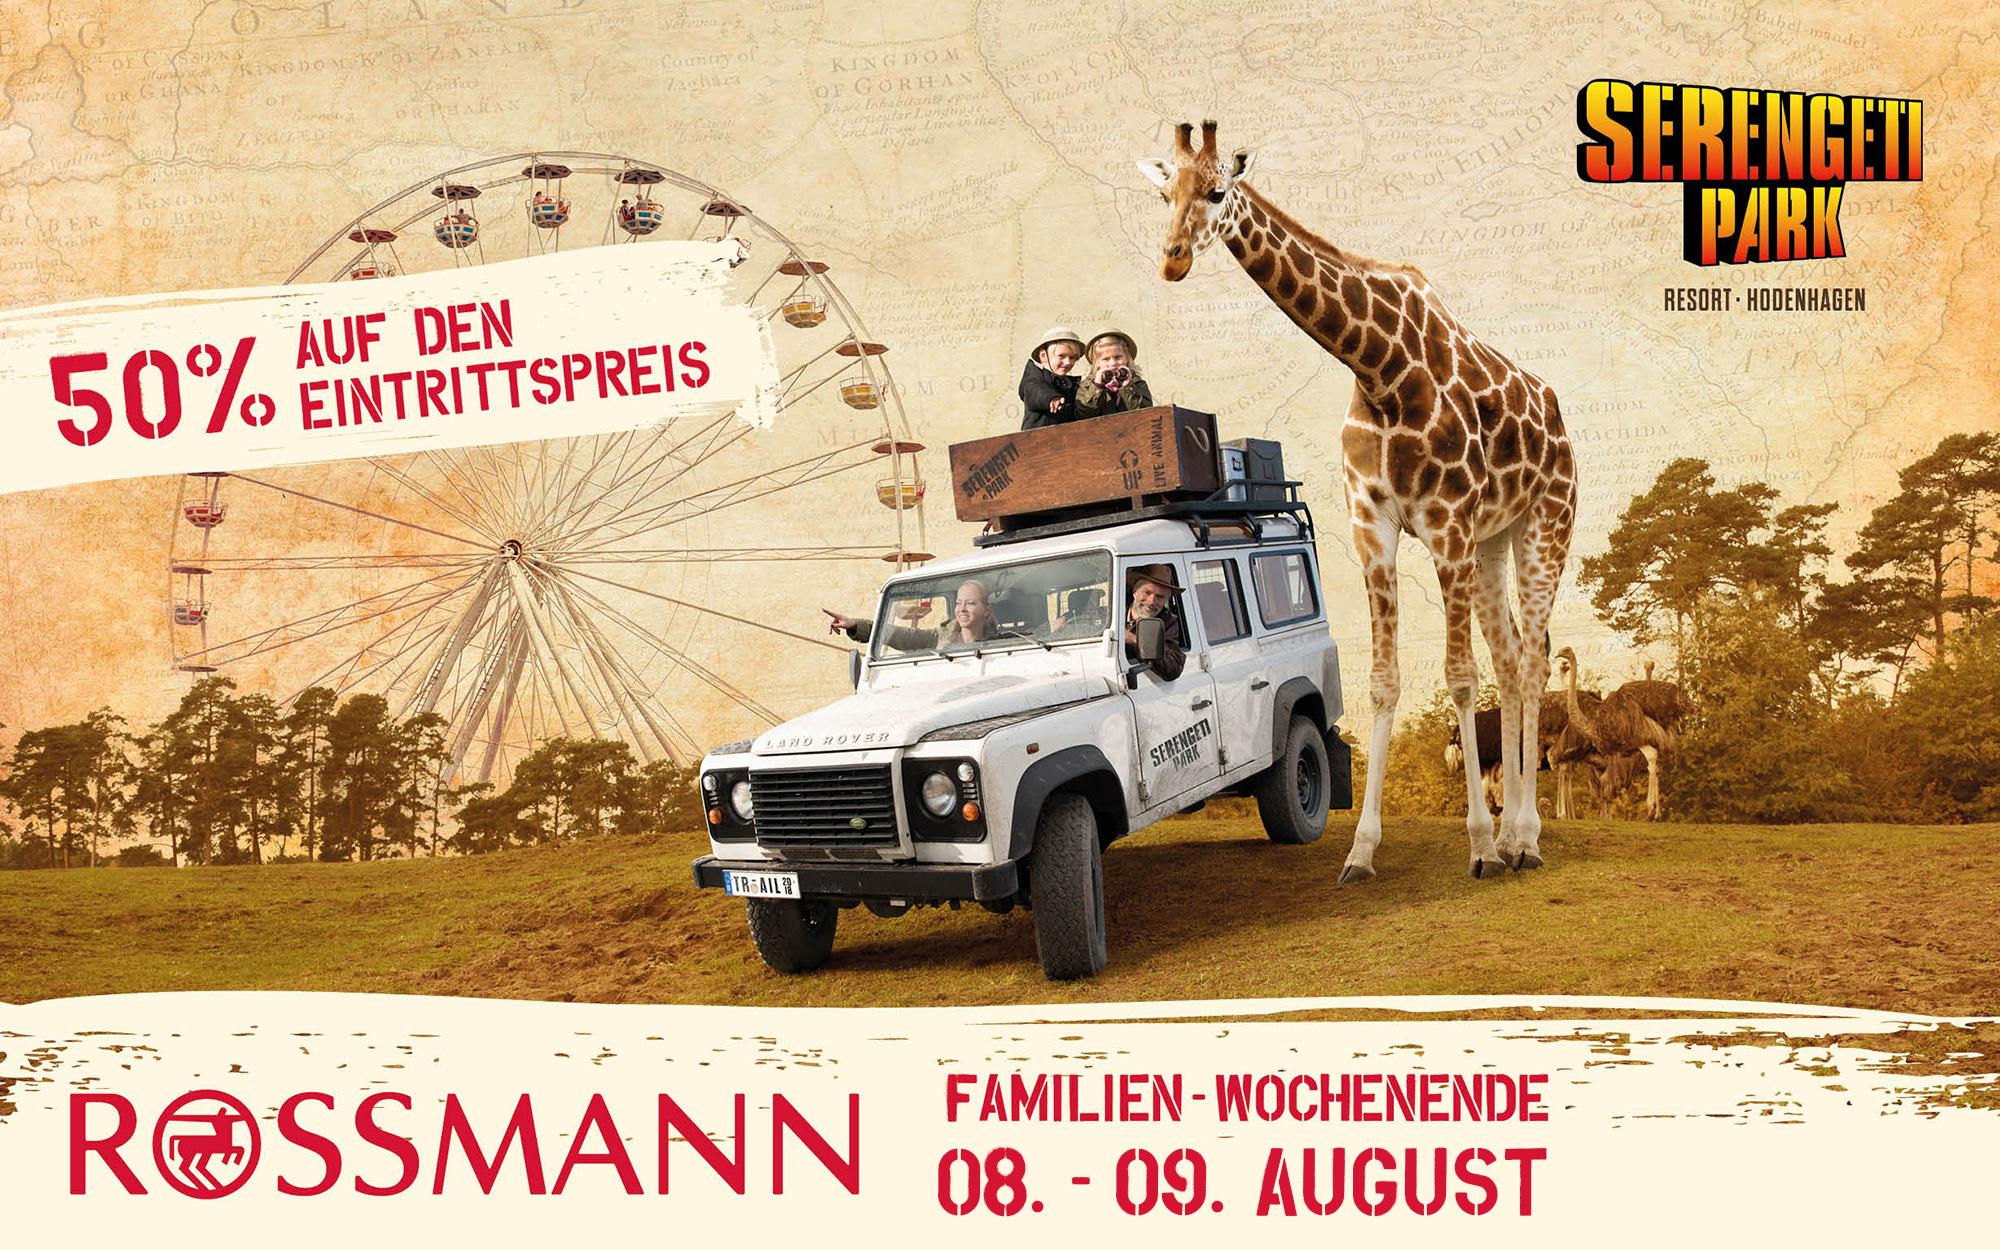 Rossmann-Familien-Wochenende am 8. und 9. August im Serengeti-Park Hodenhagen